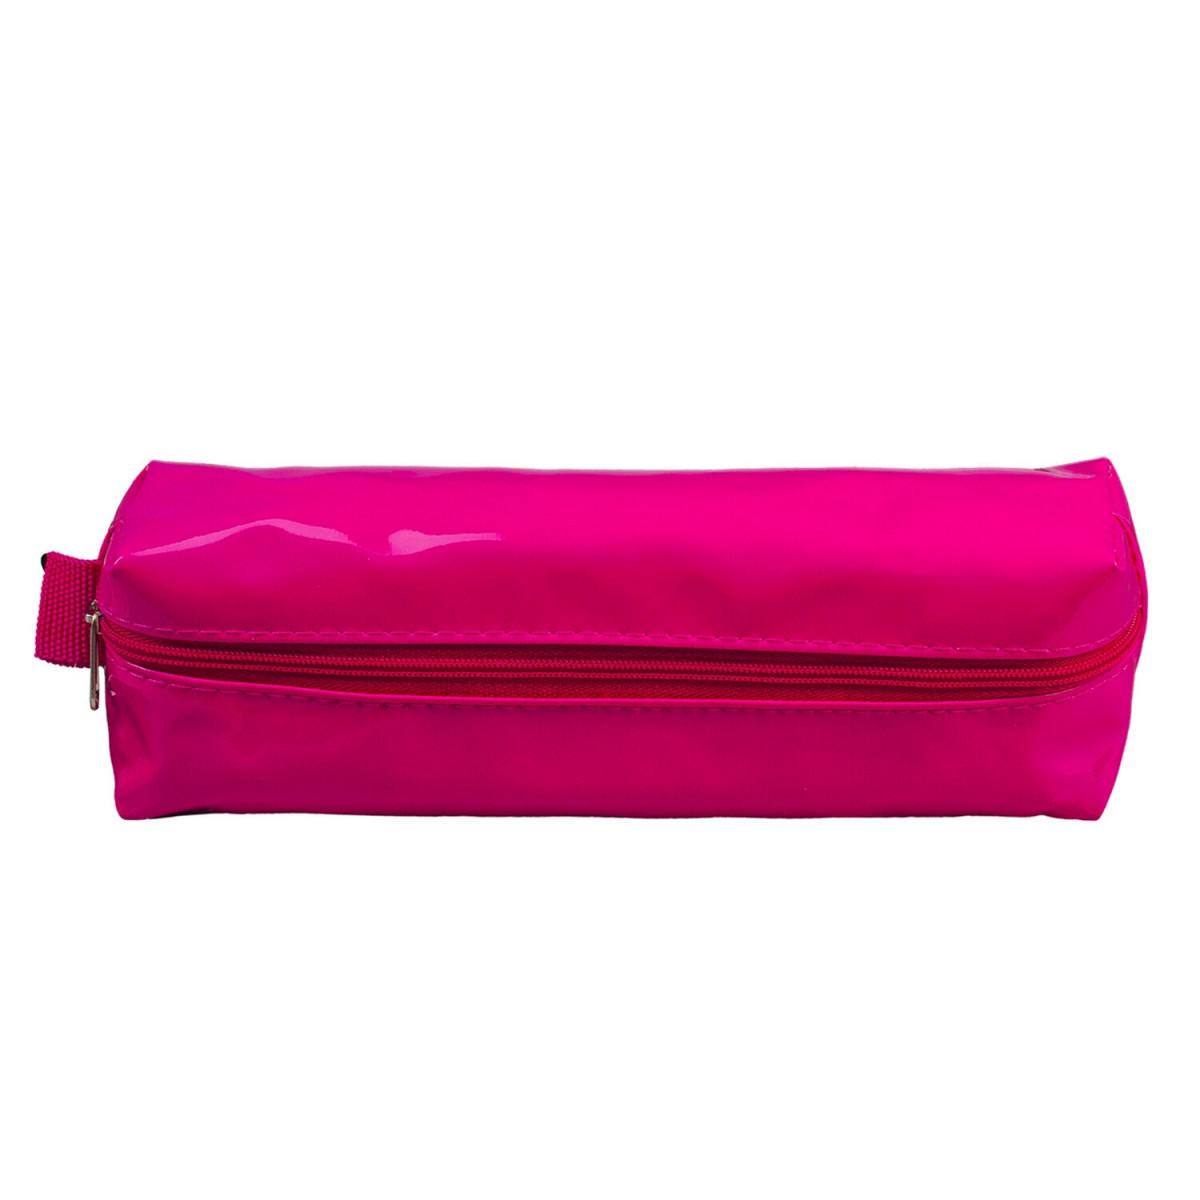 """Пенал-косметичка BRAUBERG под искусственную кожу, """"Блеск"""", розовый, 20х6х4 см, 226719 (арт. 226719)"""